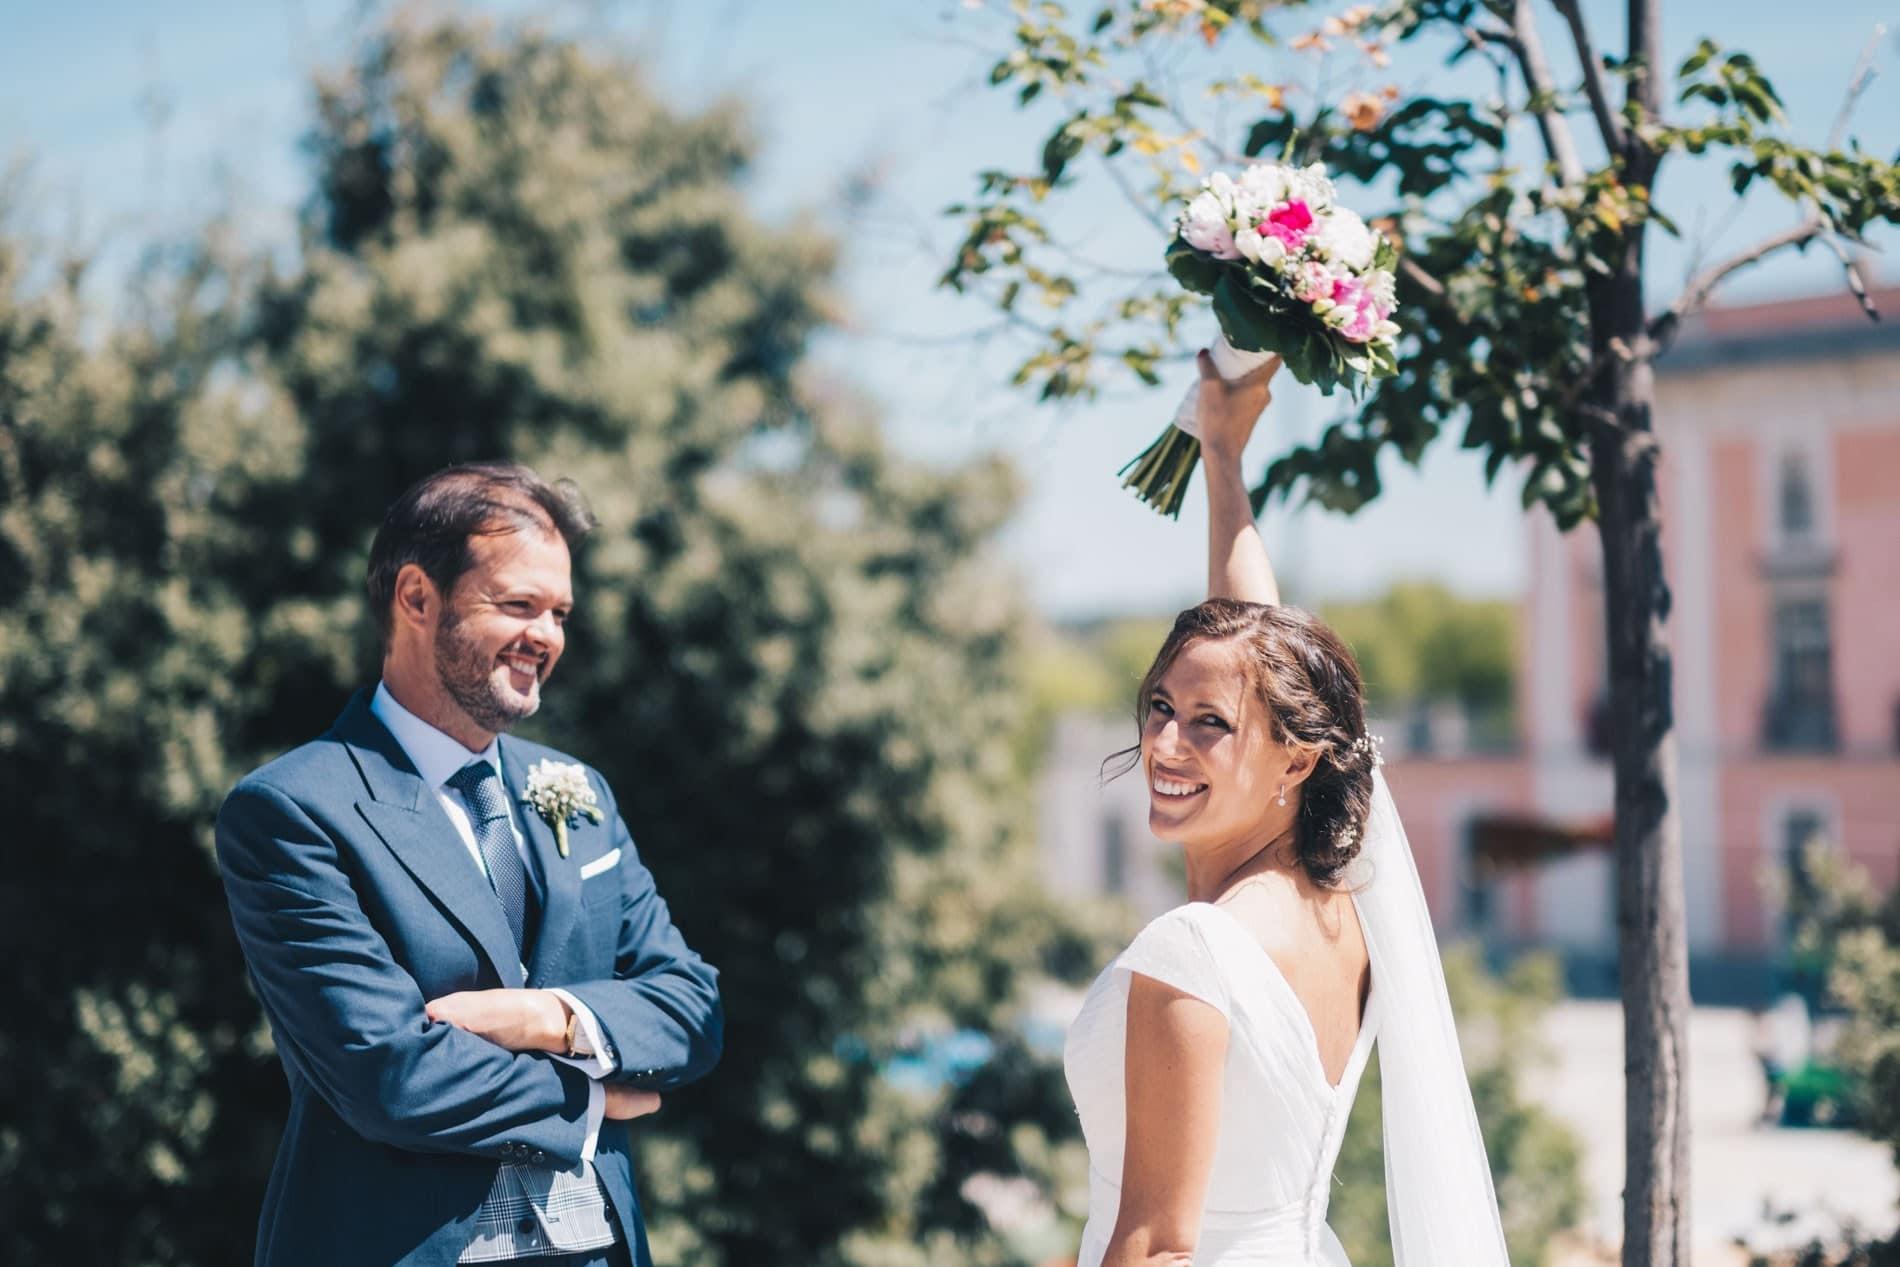 Requisitos para casarse siendo divorciado El Salvador